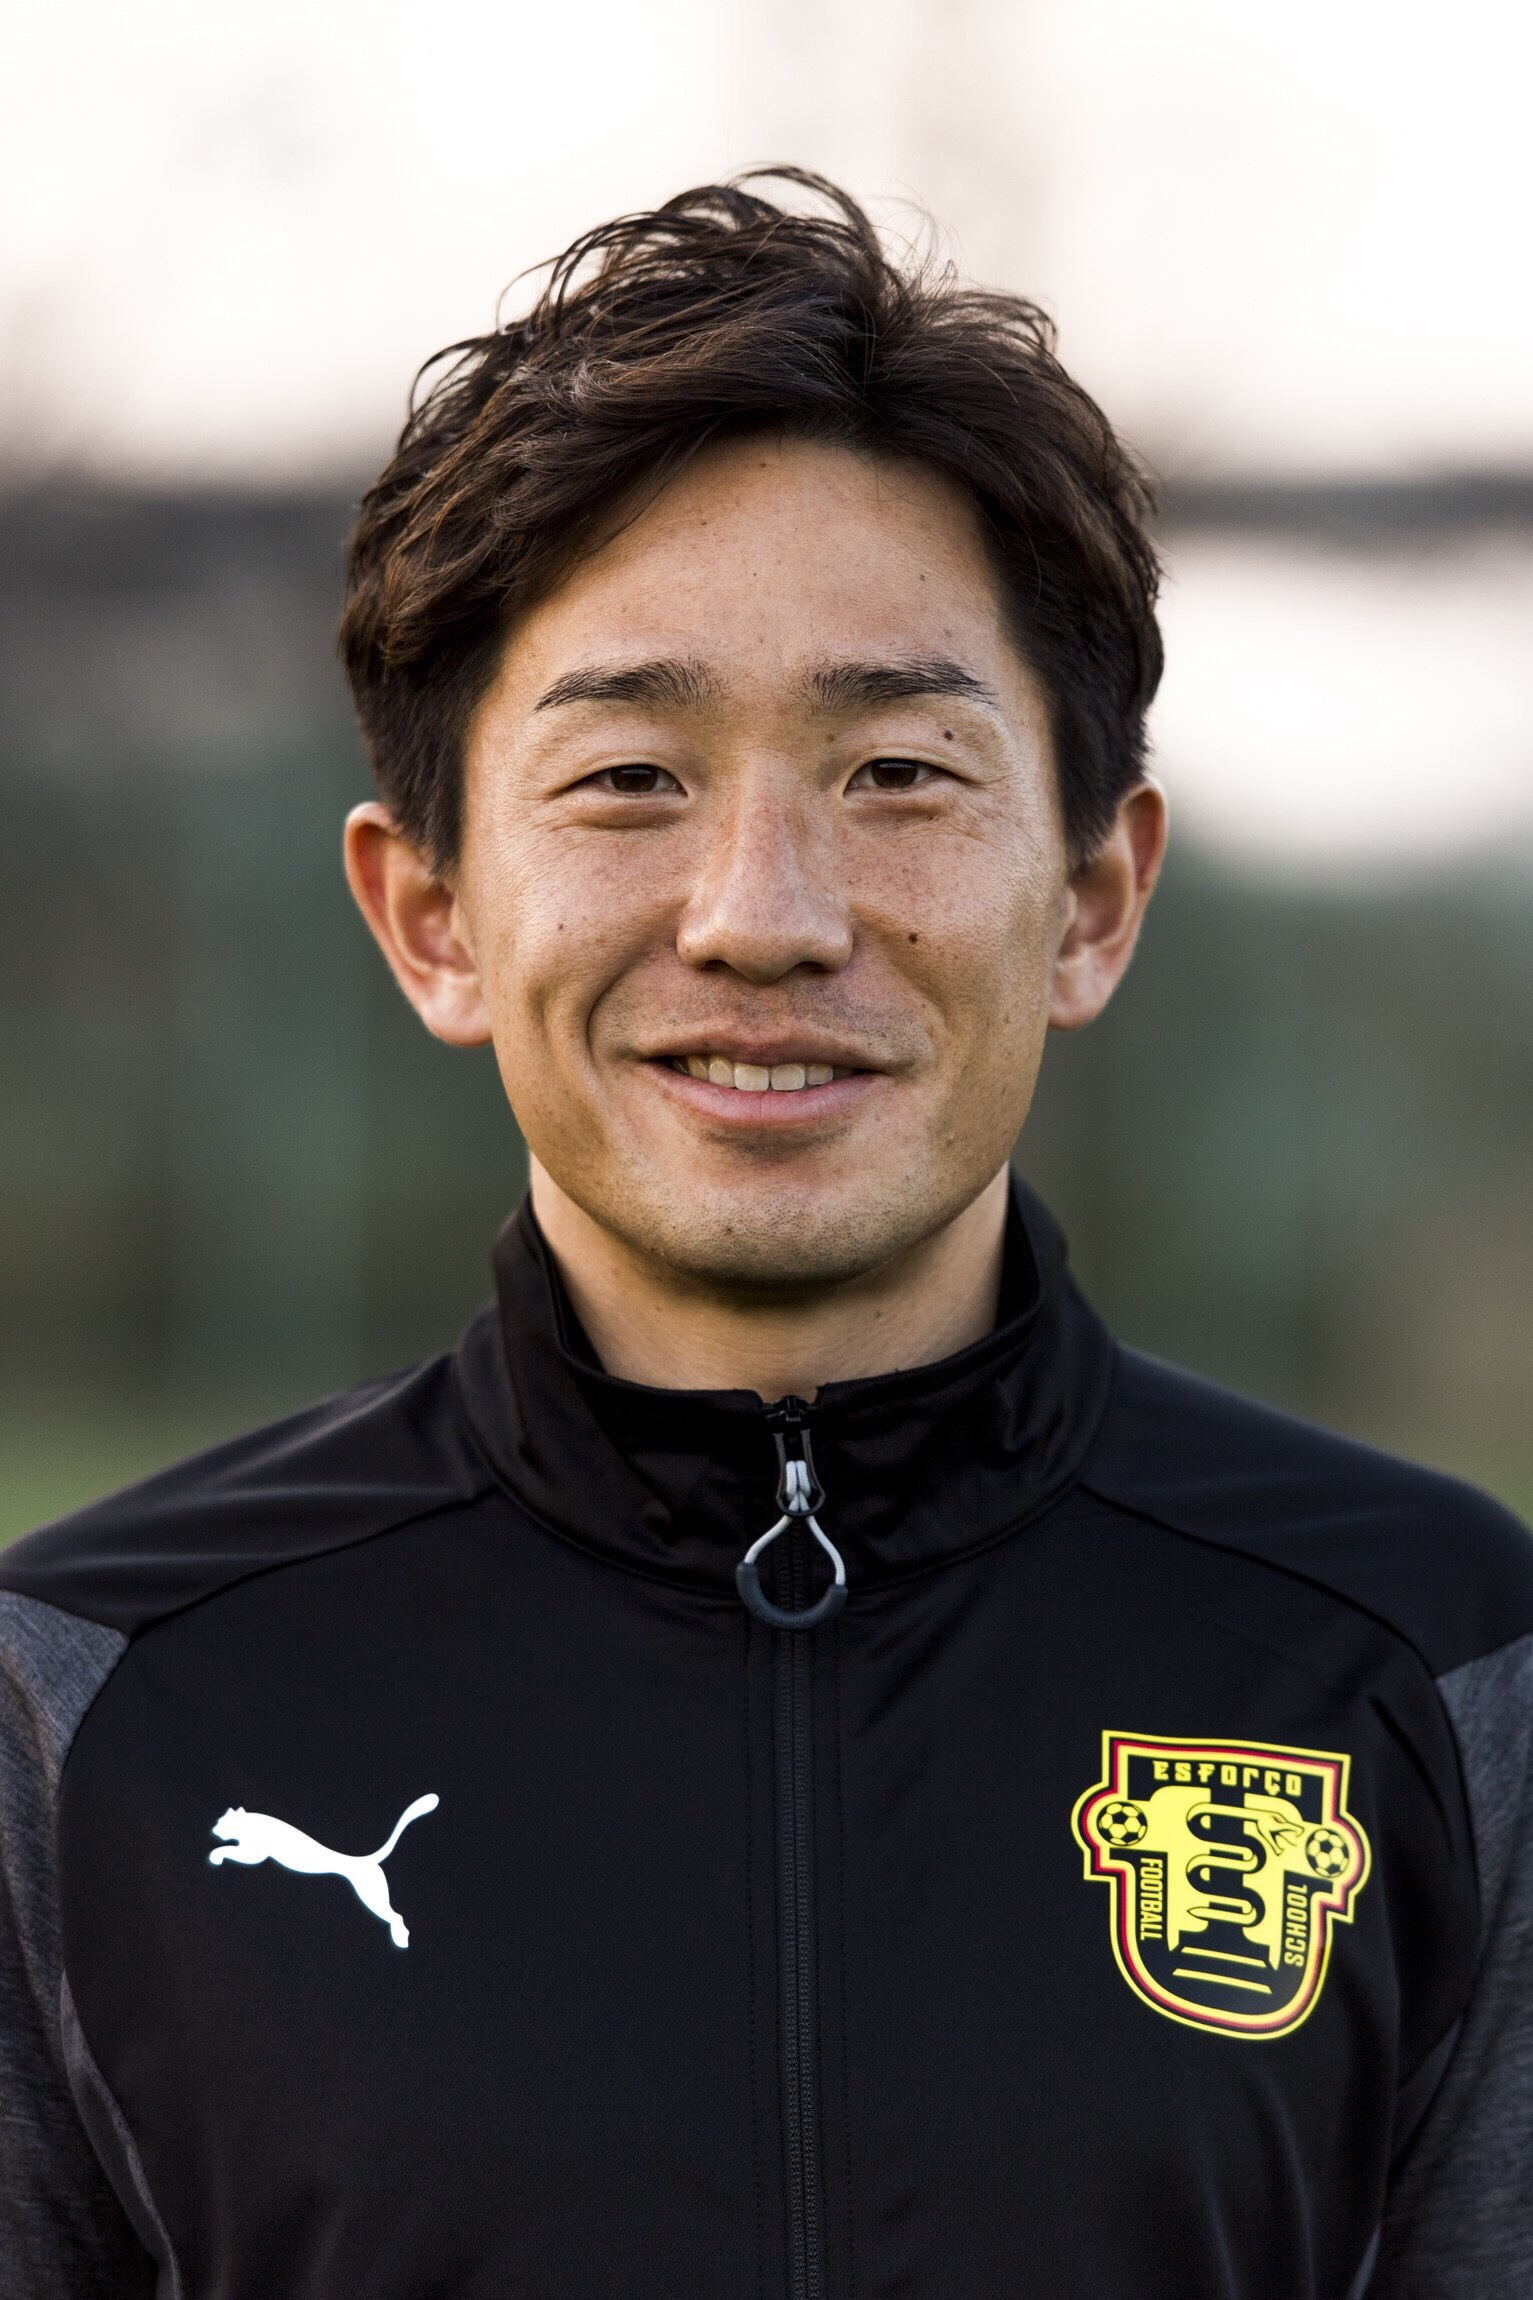 チーフマネージャー兼コーチ 宇賀神隼人